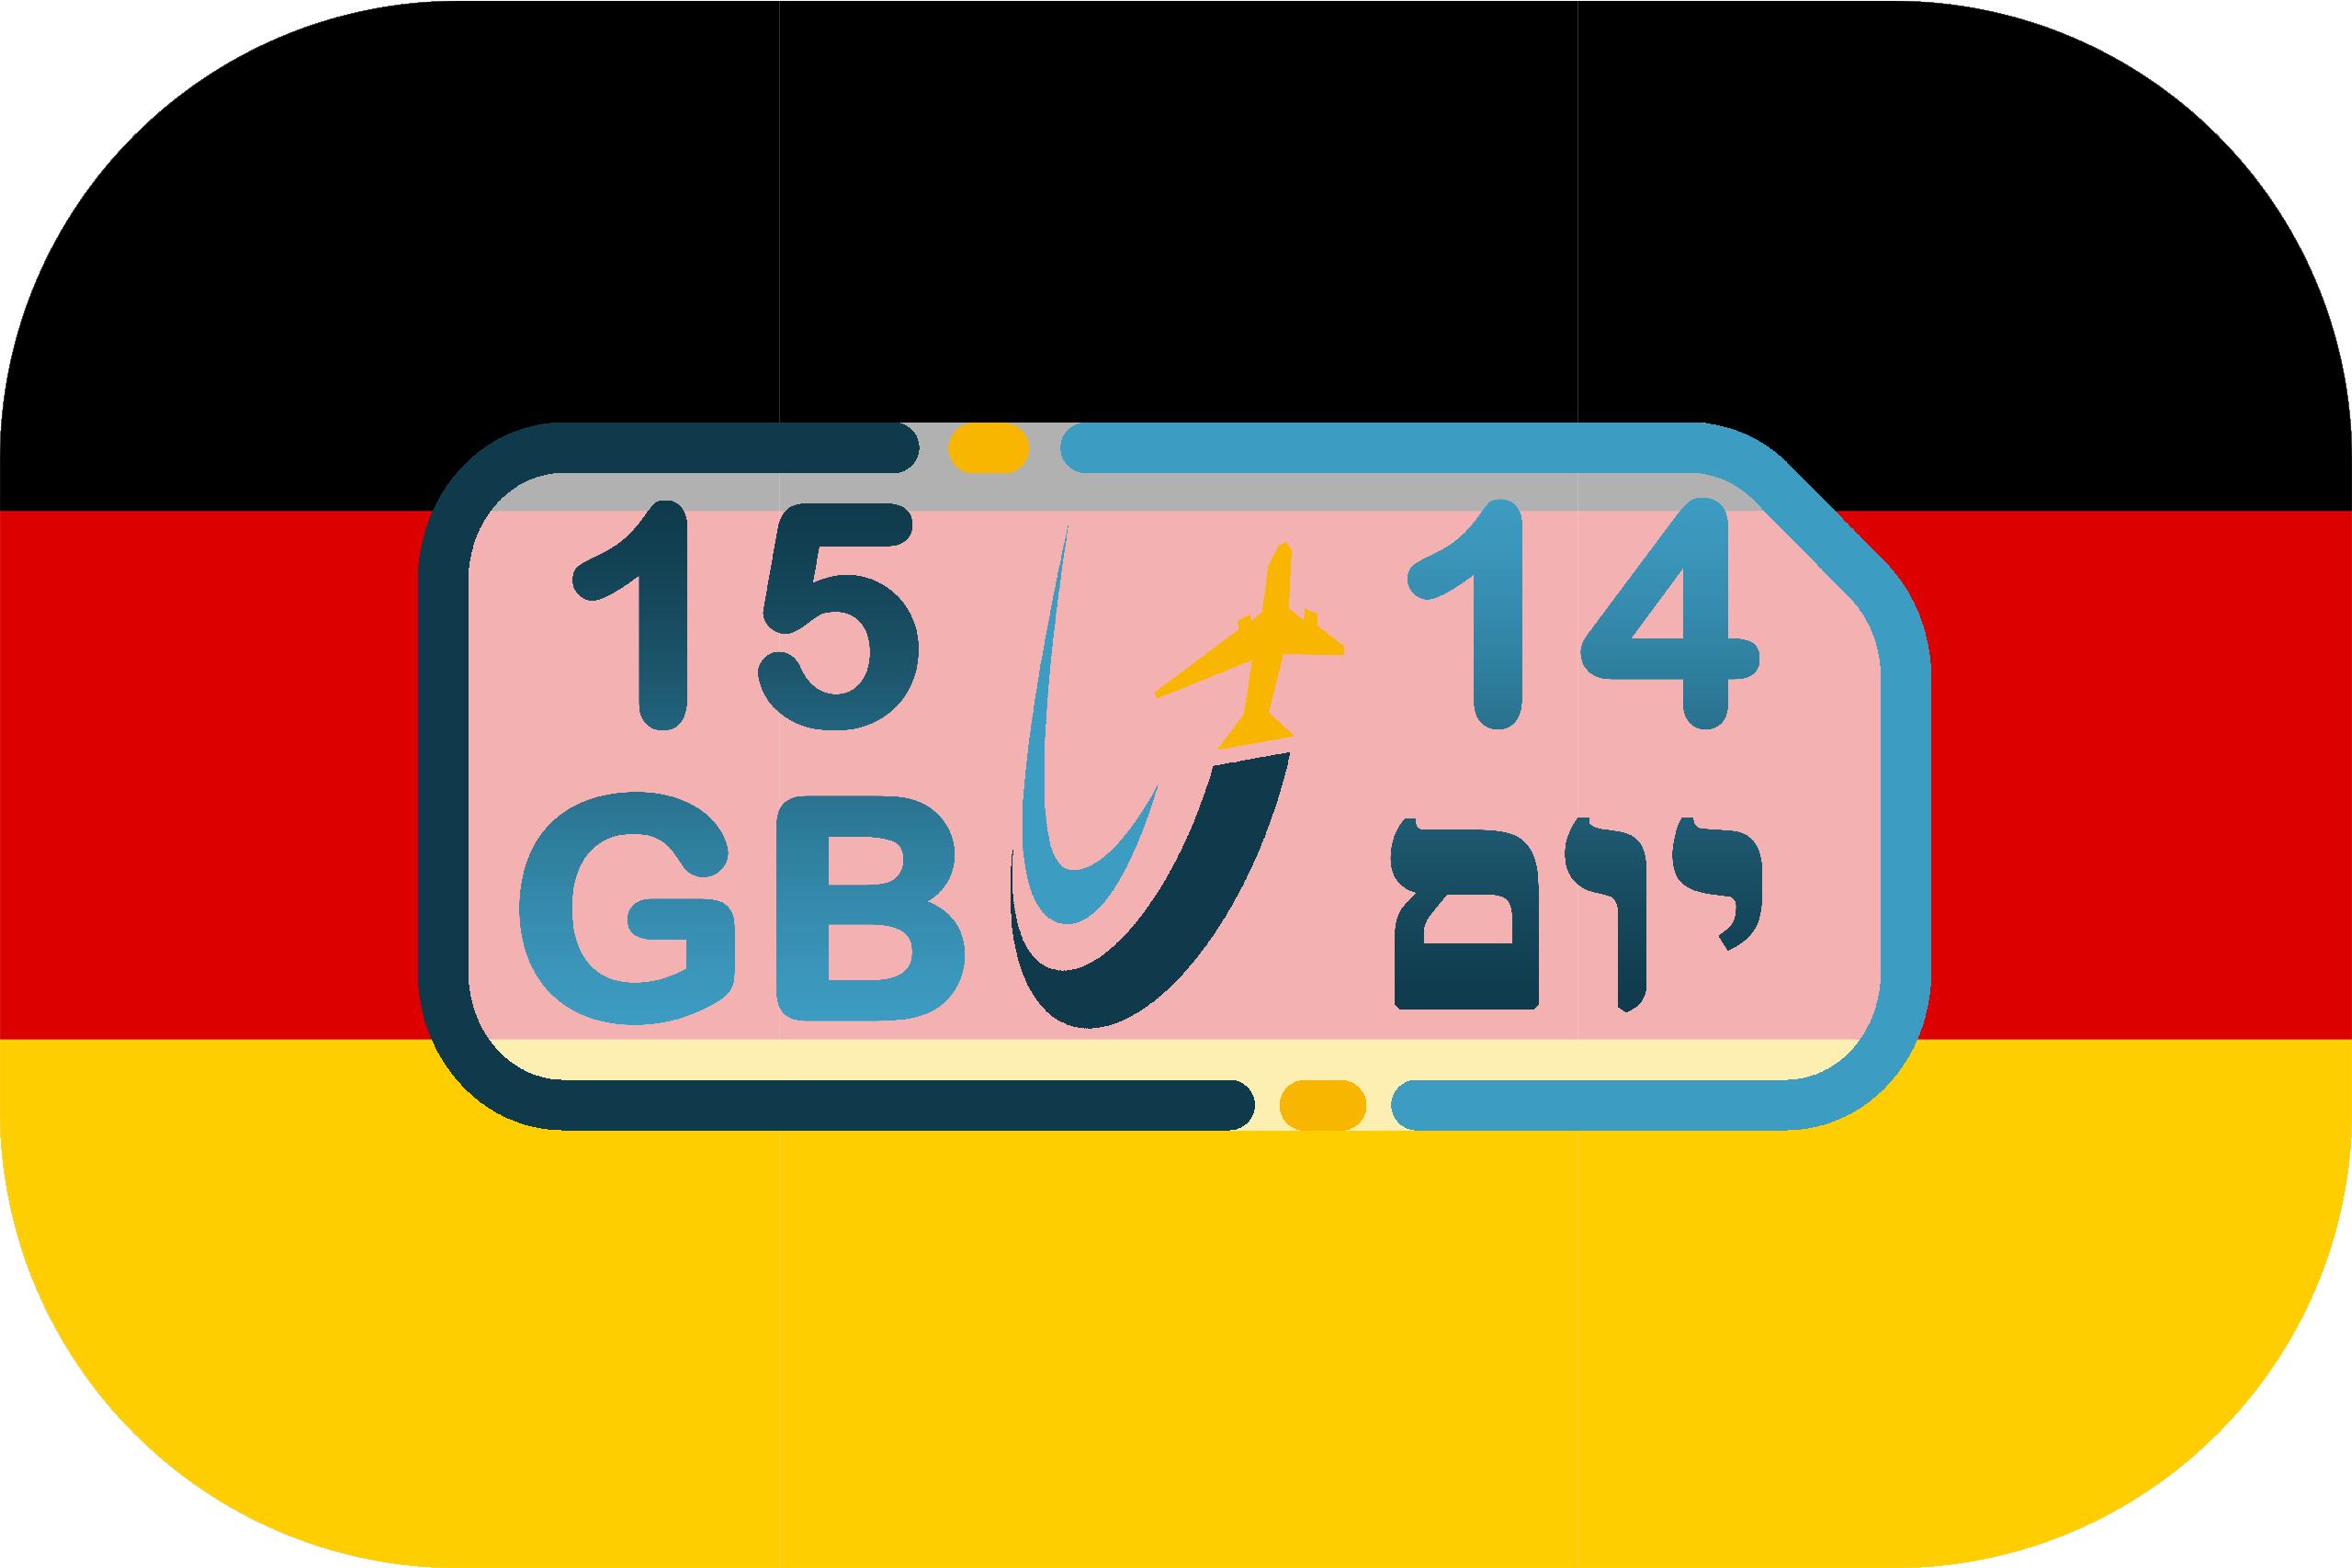 כרטיס סים בגרמניה – 15GB (בתוקף ל- 14 יום)